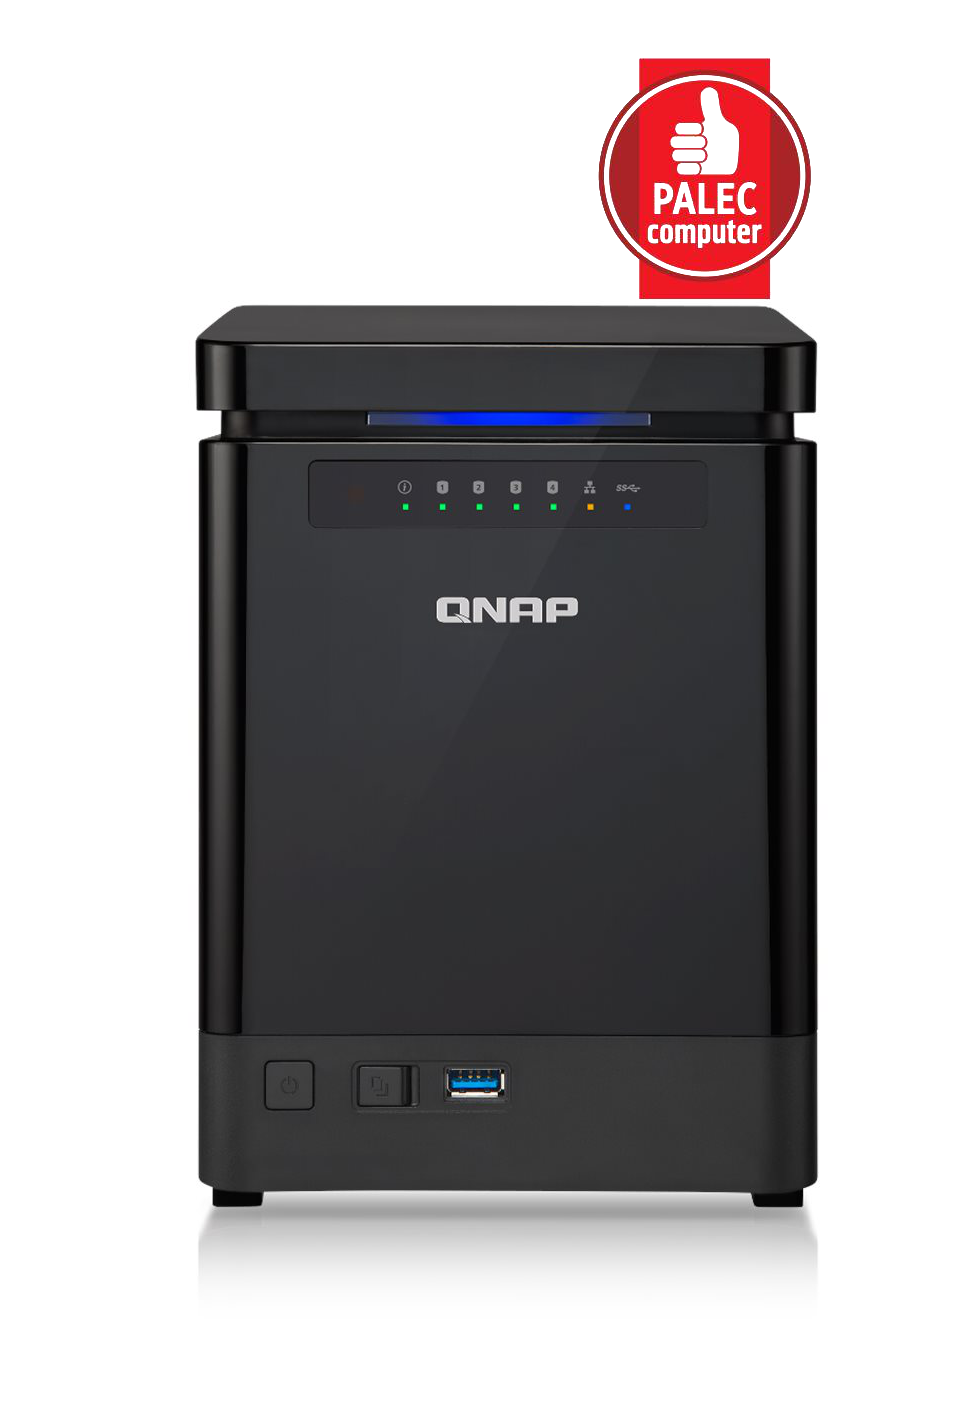 QNAP TS-453mini-8G (2,4G/8GB RAM/4xSATA)